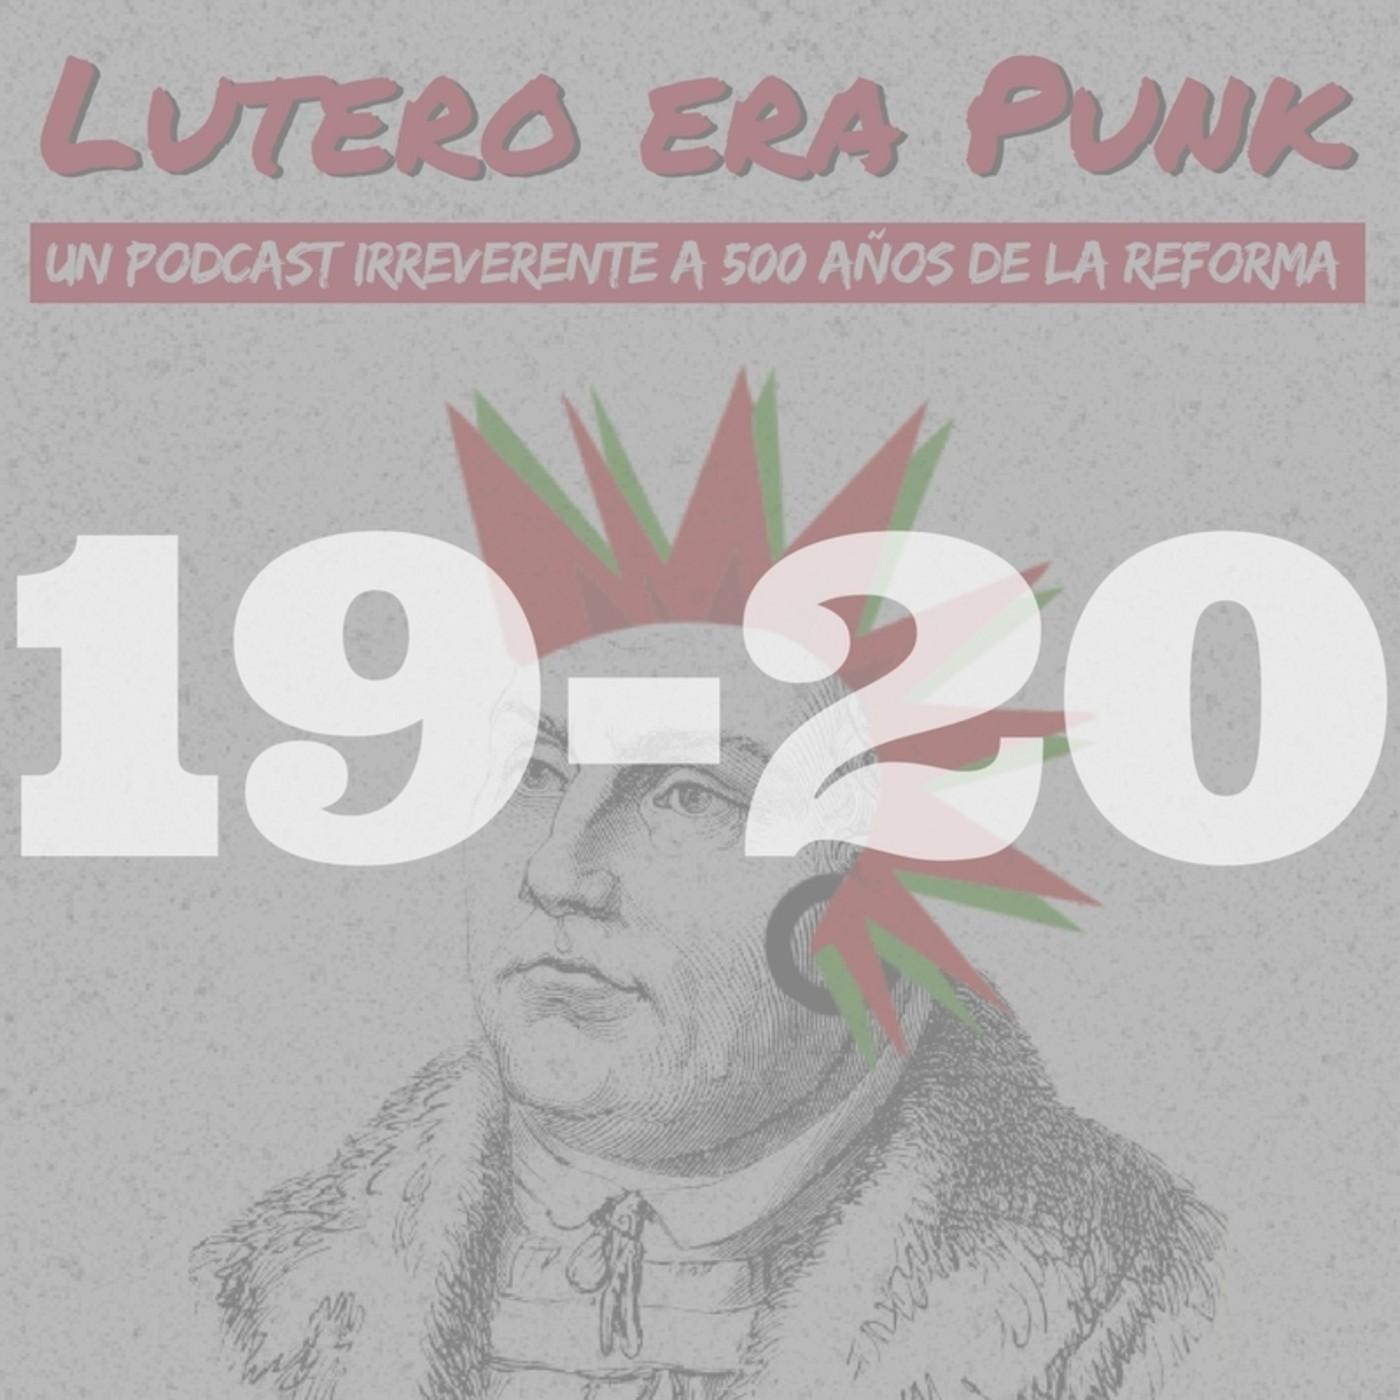 Lutero era punk | Capítulos 19 y 20